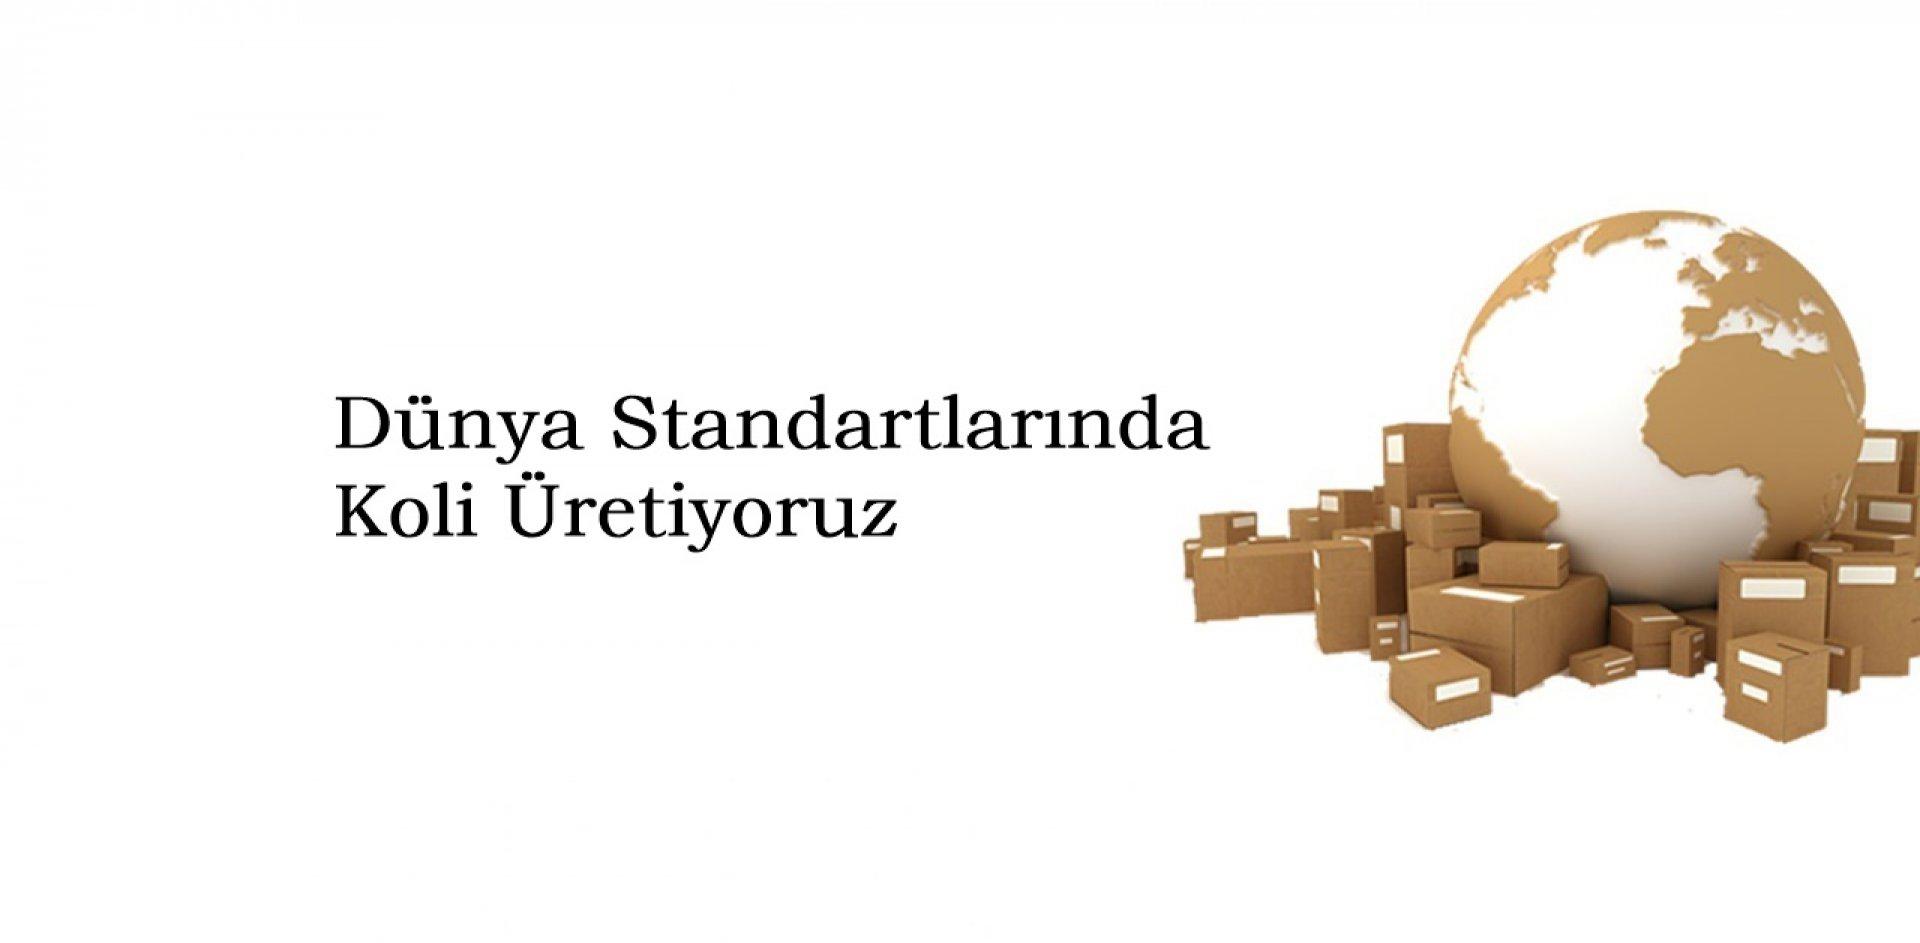 Dünya Standartlarında Kutu Üretiyoruz